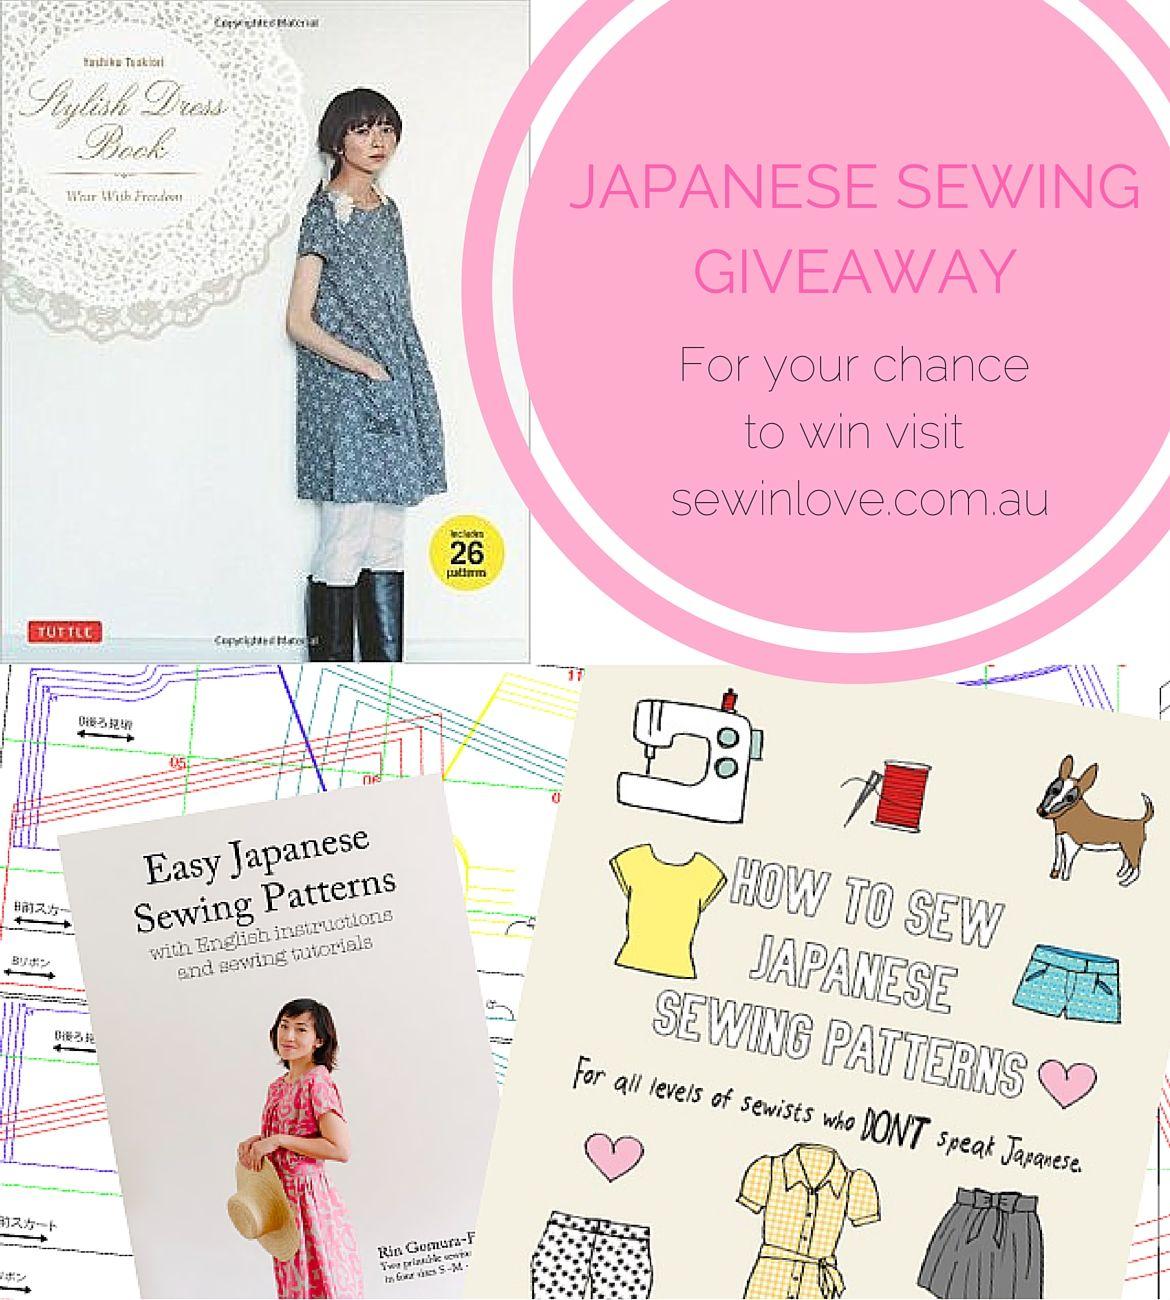 Win Stylish Dress Book Japanese Sewing Ebook Japanese Sewing Sewing Ebook Japanese Sewing Patterns